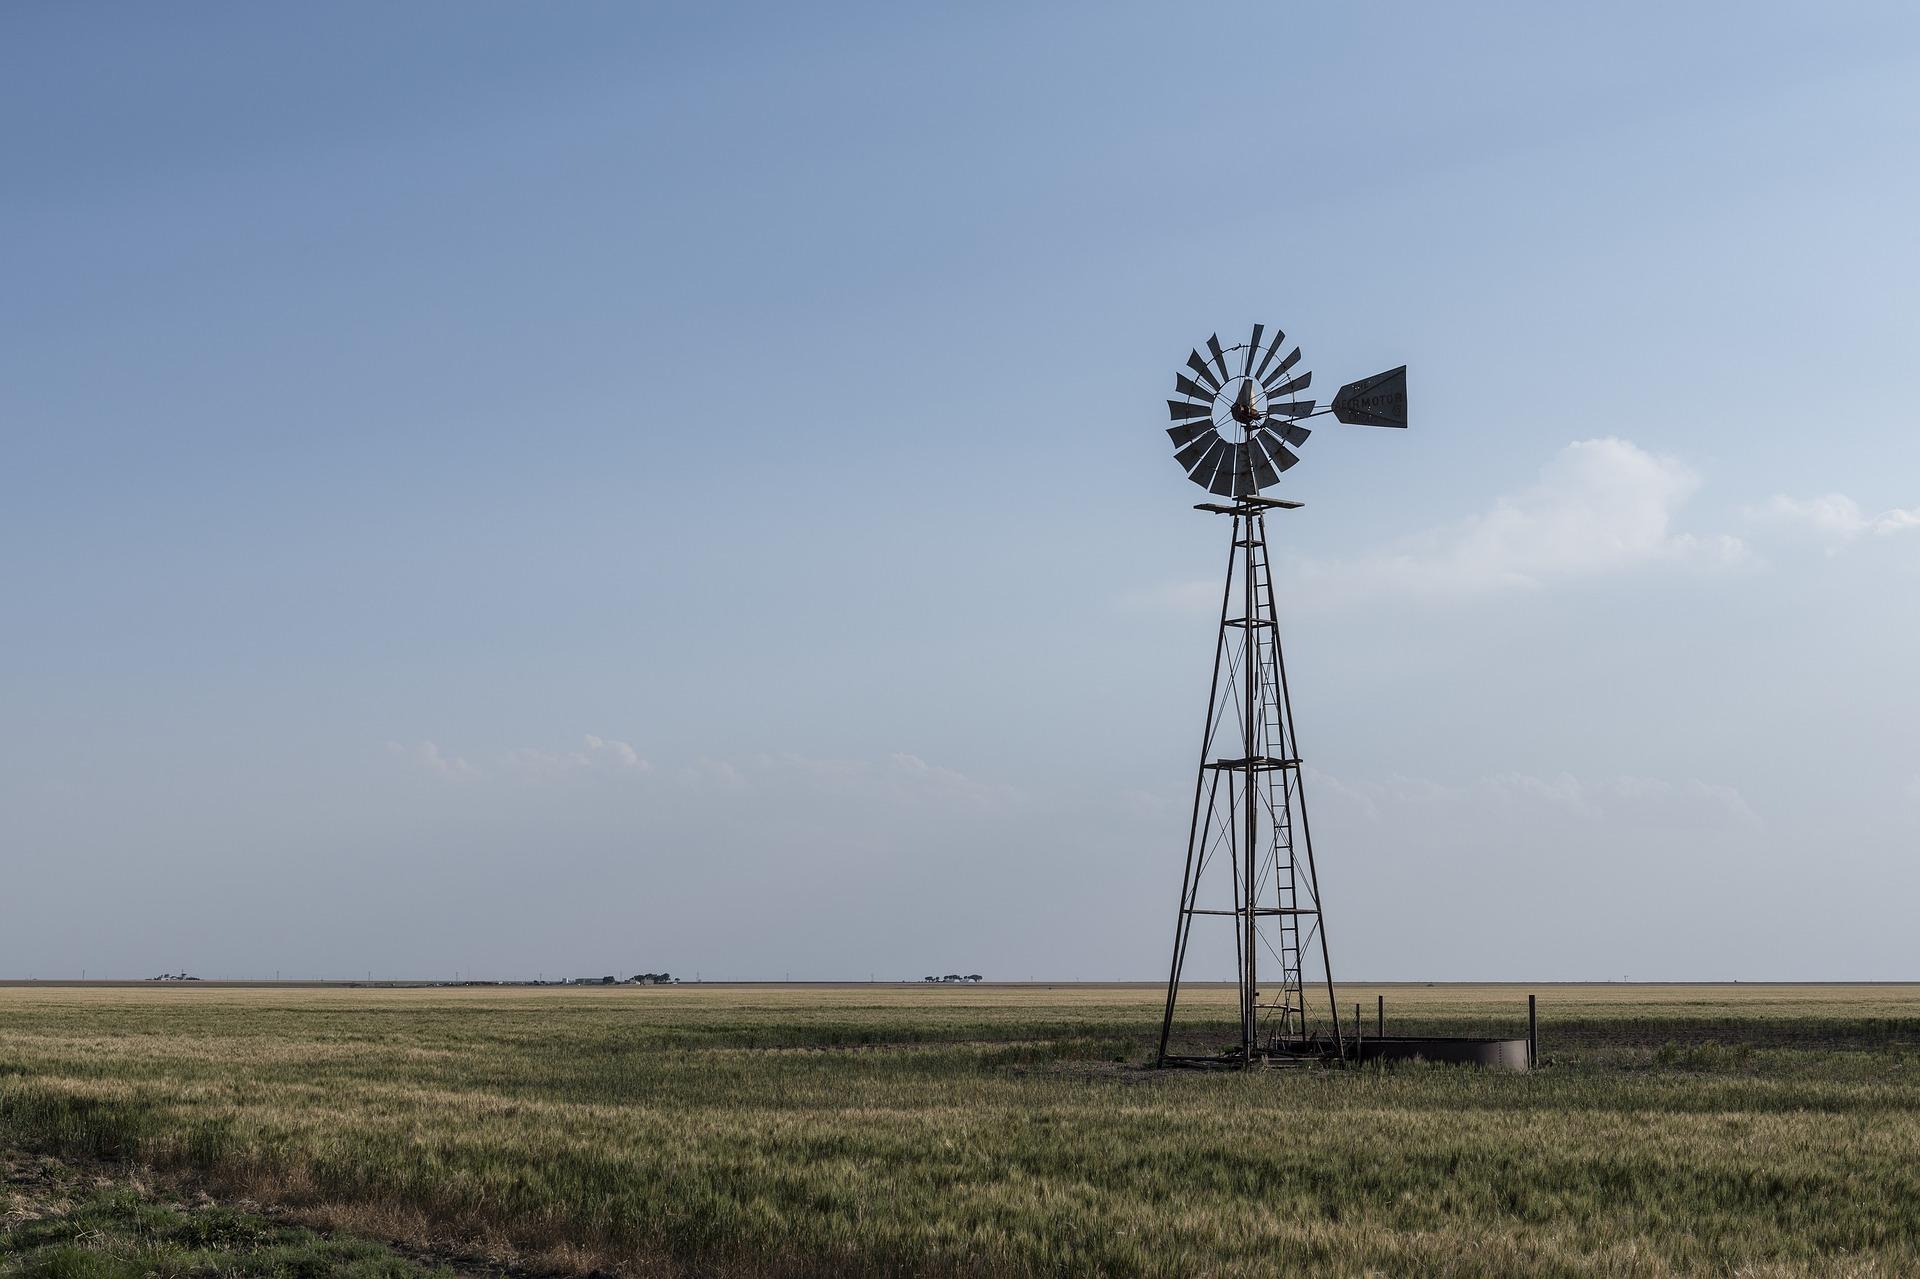 windmill-2092692_1920